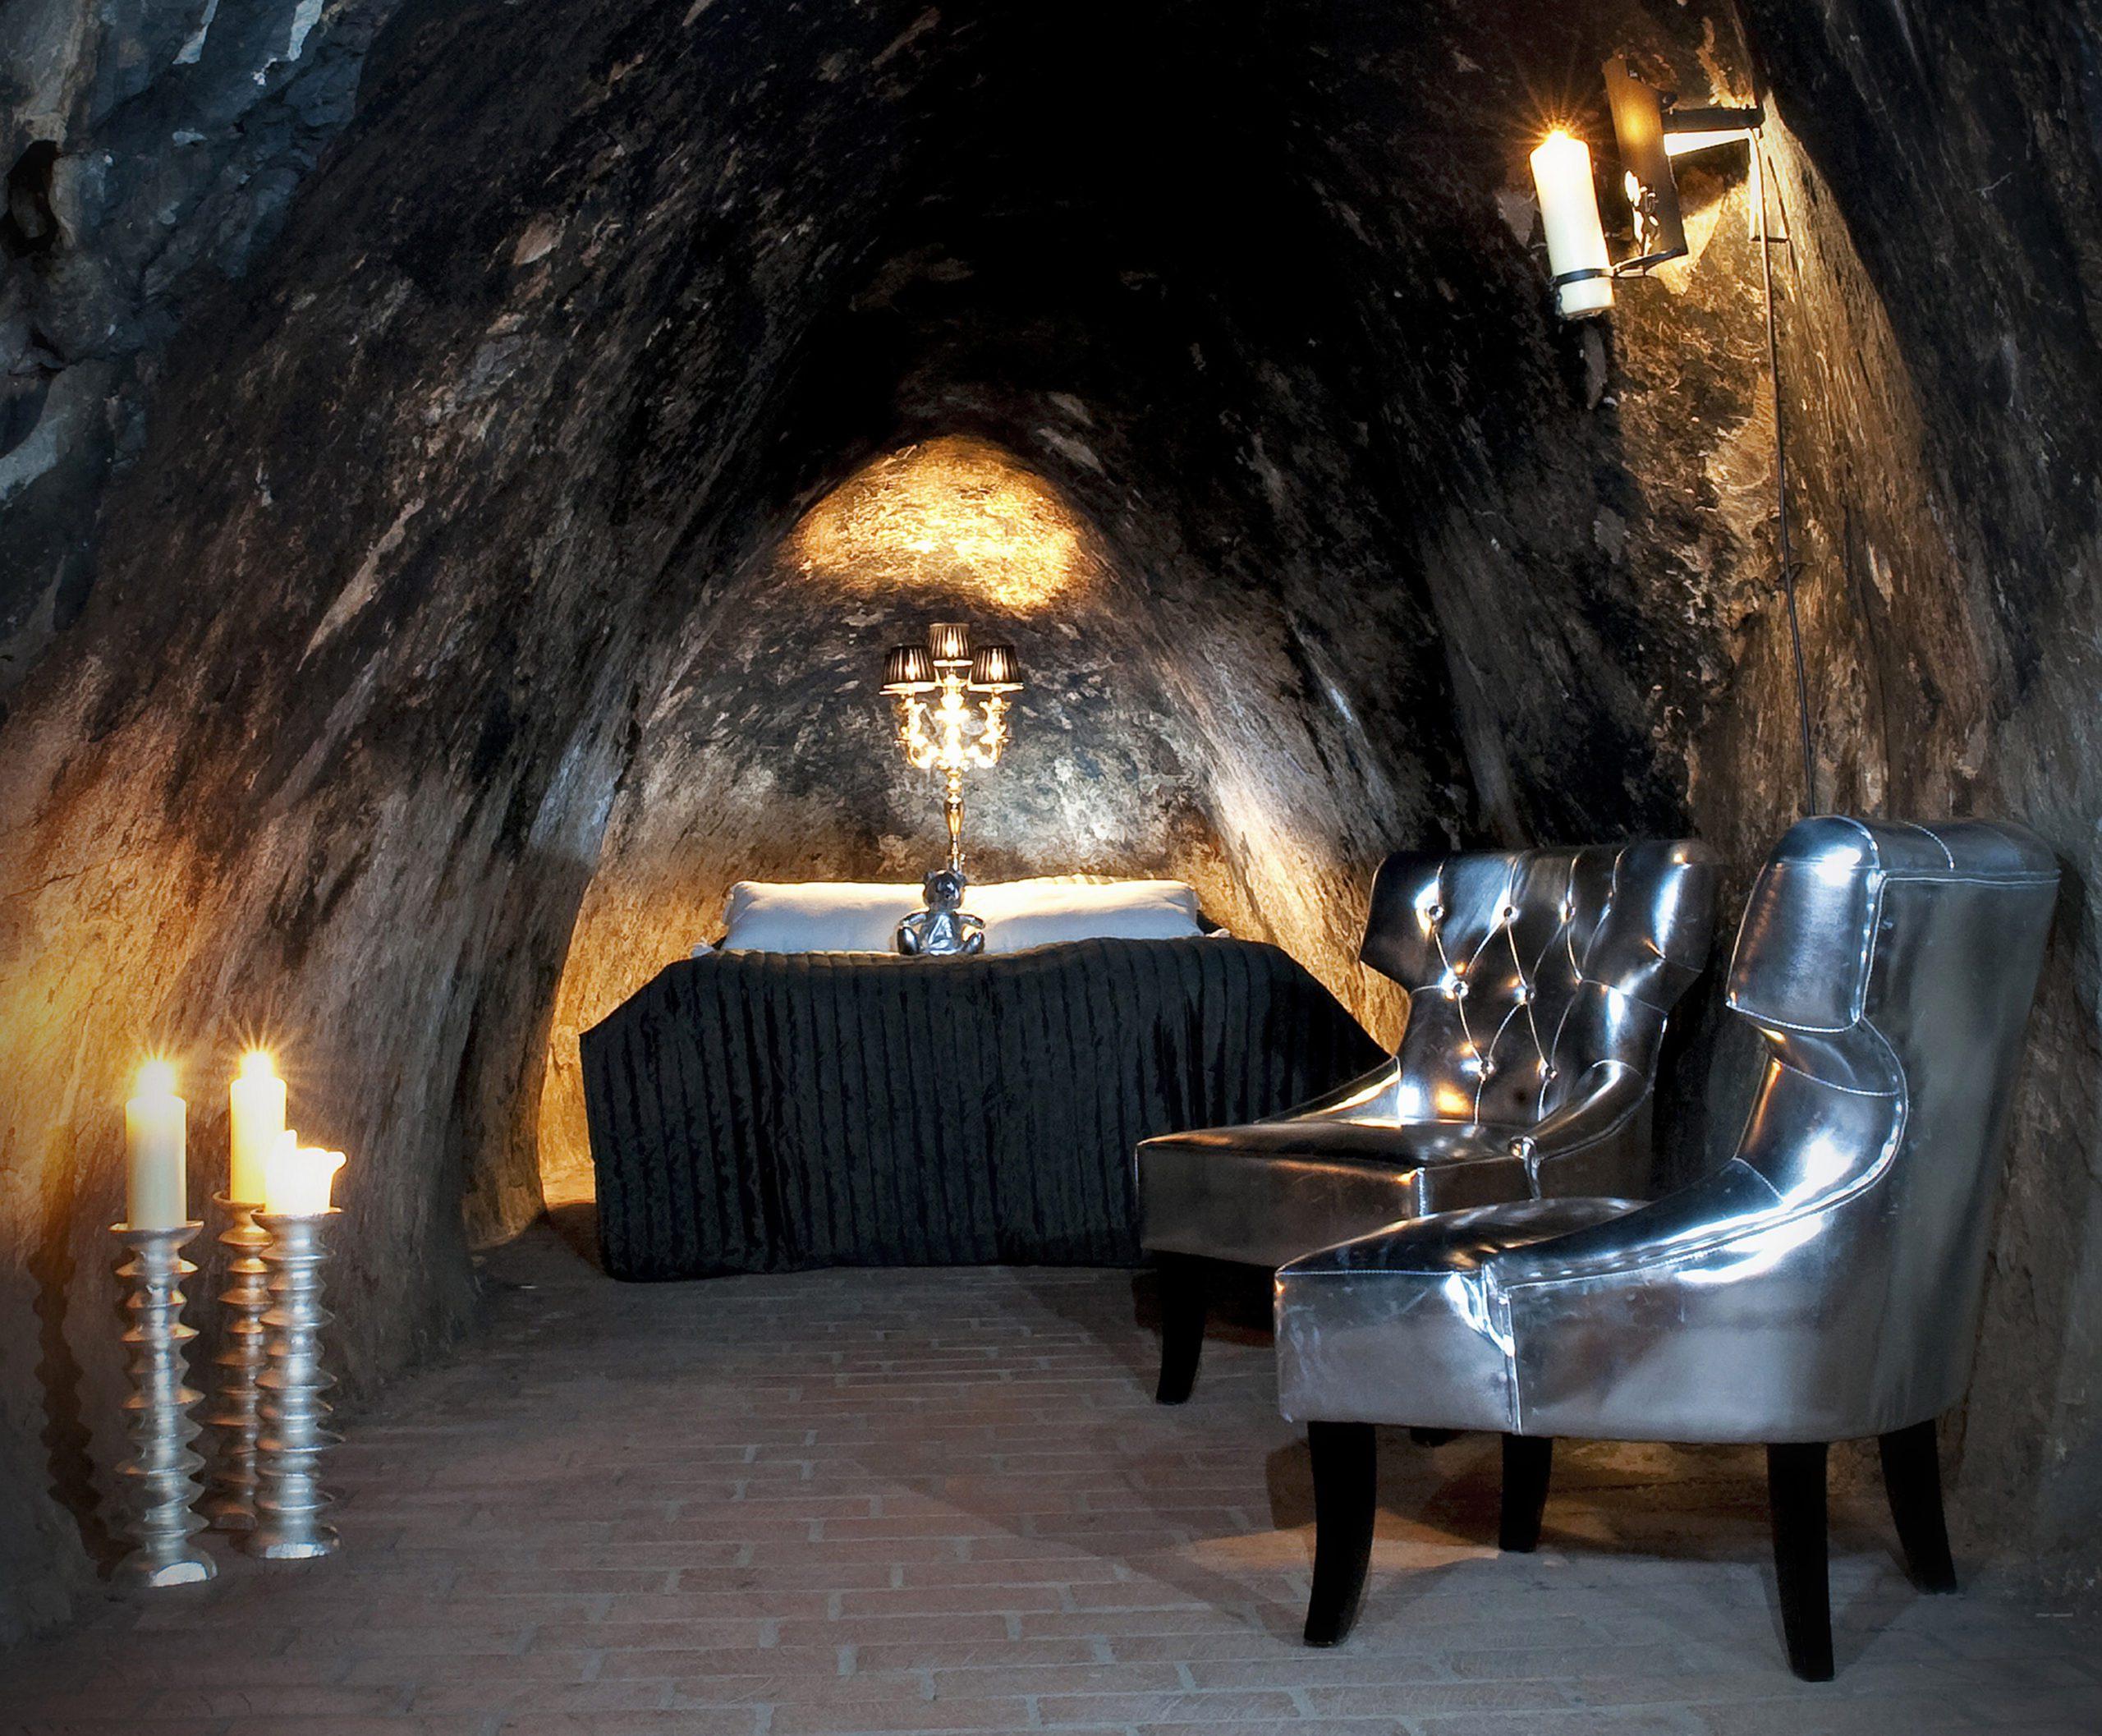 Säng, fåtöljer och ljus i gruvsviten. Foto: Pressbild Sala silvergruva